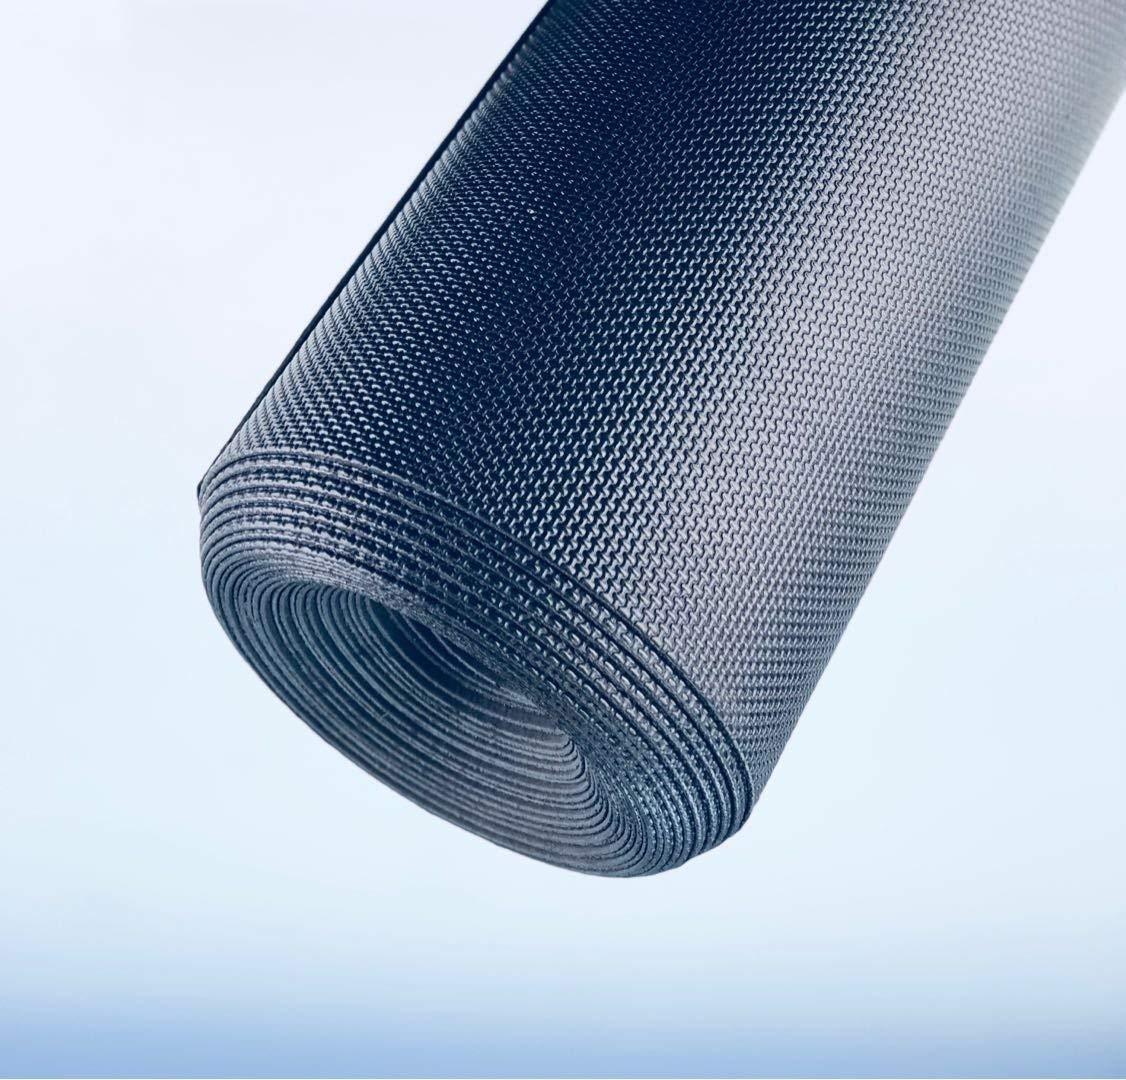 AMERIQUE 691322303407 Premium 3Rd Generation Unique and Durable Embossed Diamond Plate Metallic Vinyl Flooring, 4' x 12.5'/50 sq. ft, Black Diamond, Square Feet